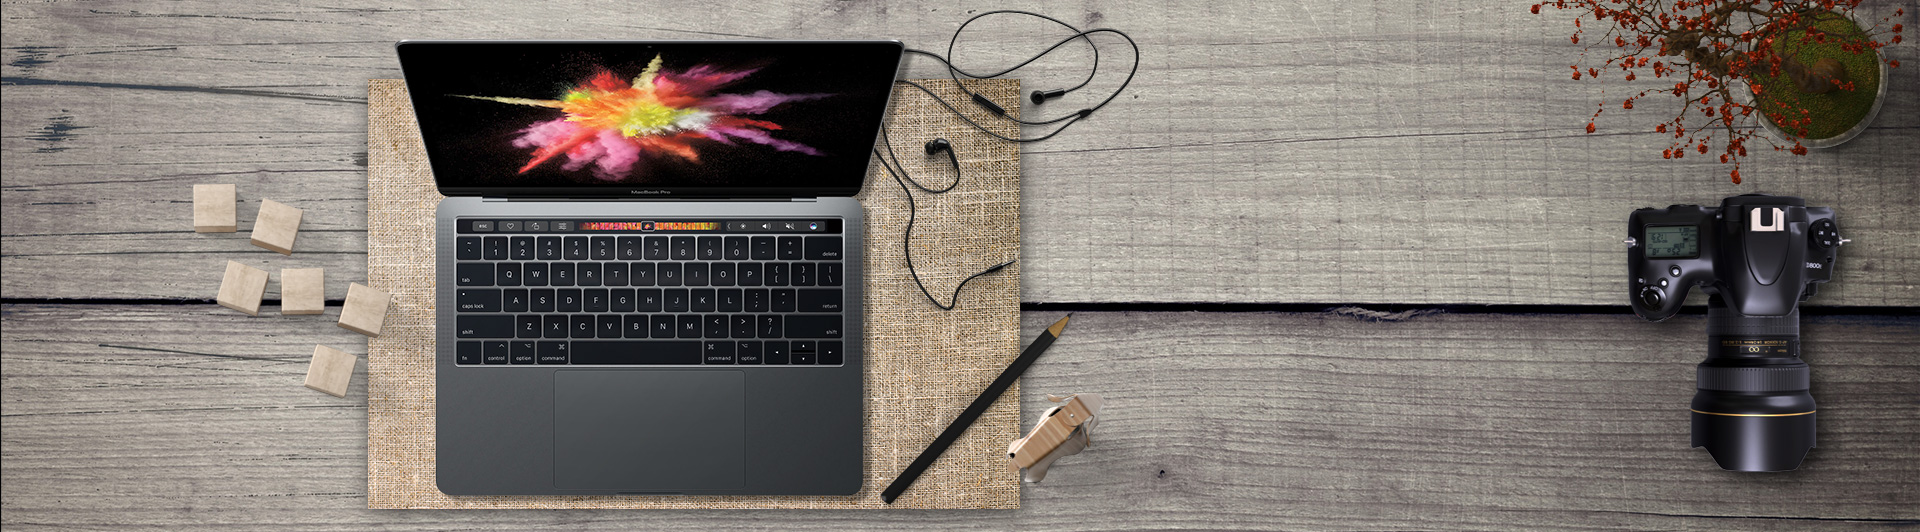 Macbook Pro 13 Inch 256GB 3.1GHz (2017) hiệu năng hoạt động mạnh mẽ